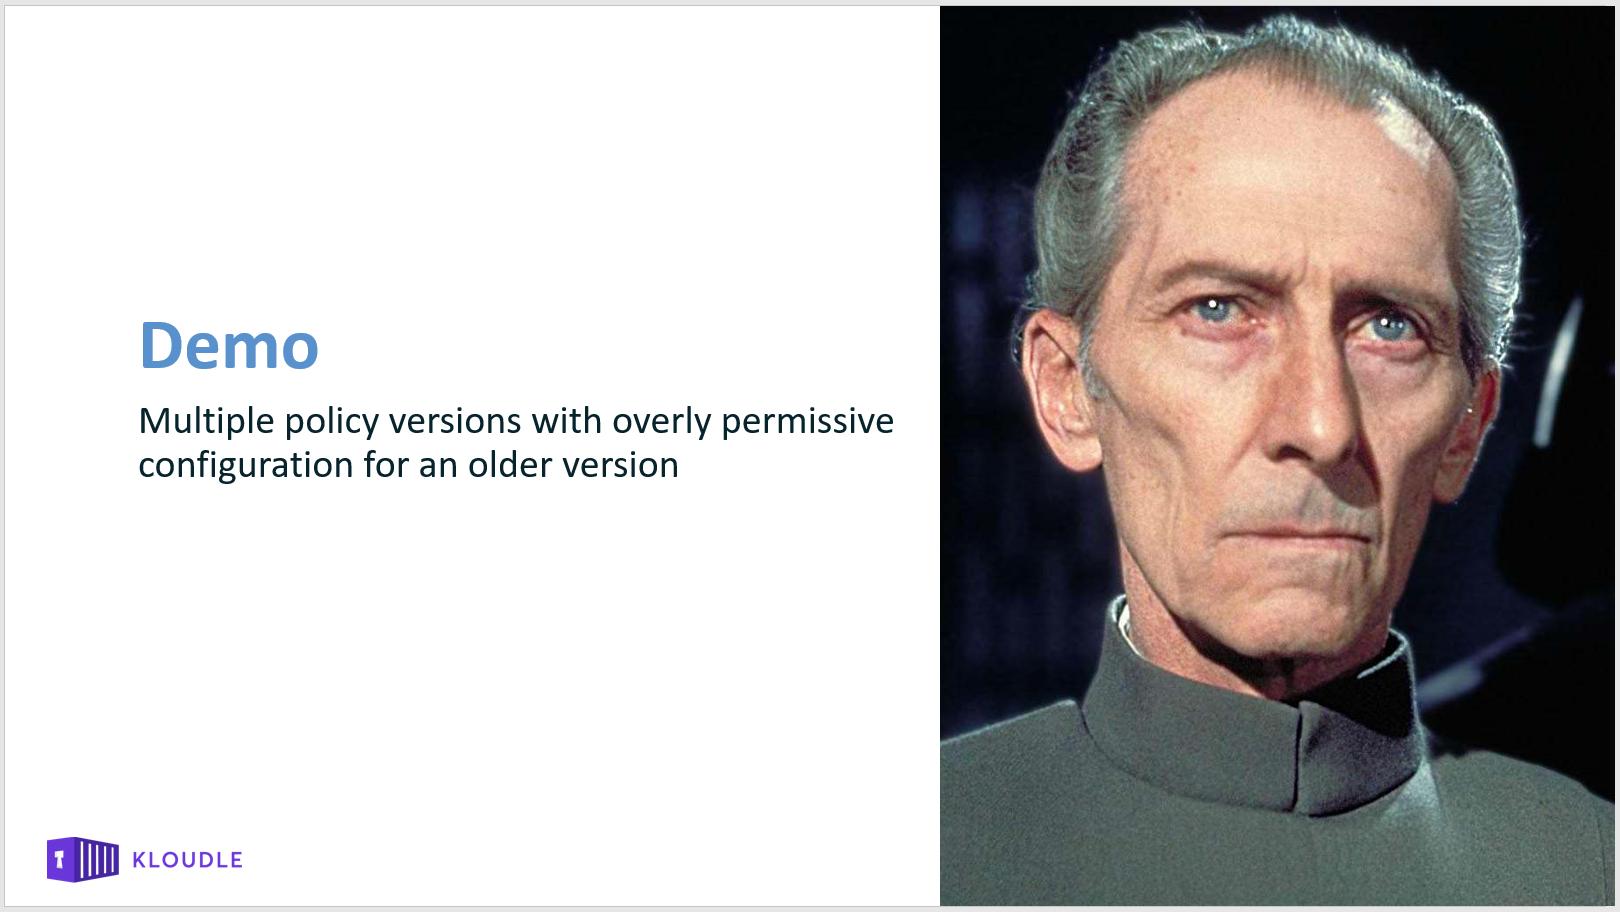 Demo introduction slide